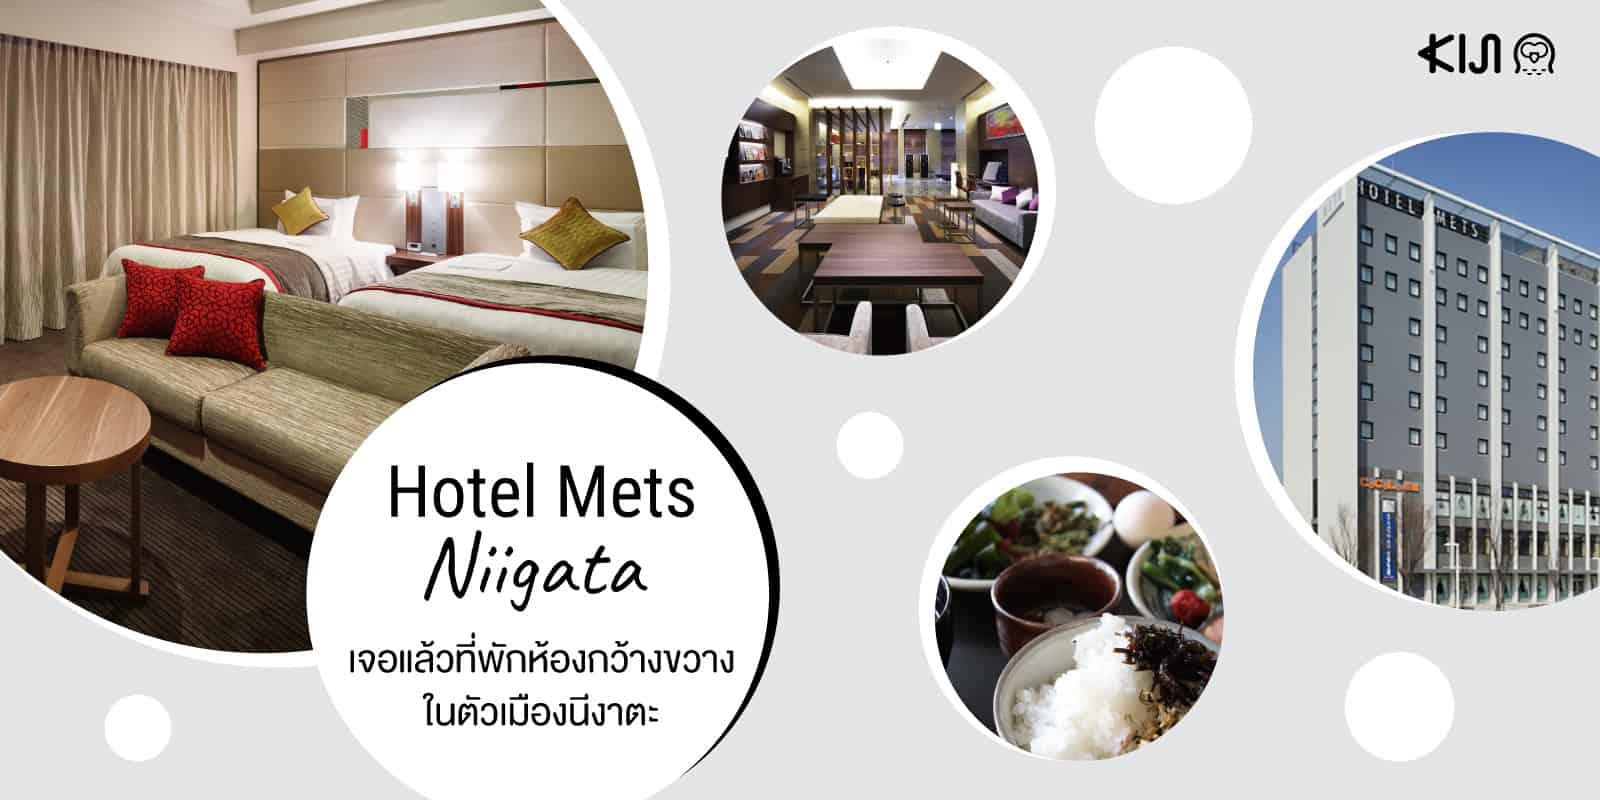 ที่พัก ใน นีงาตะ Hotel Mets Niigata